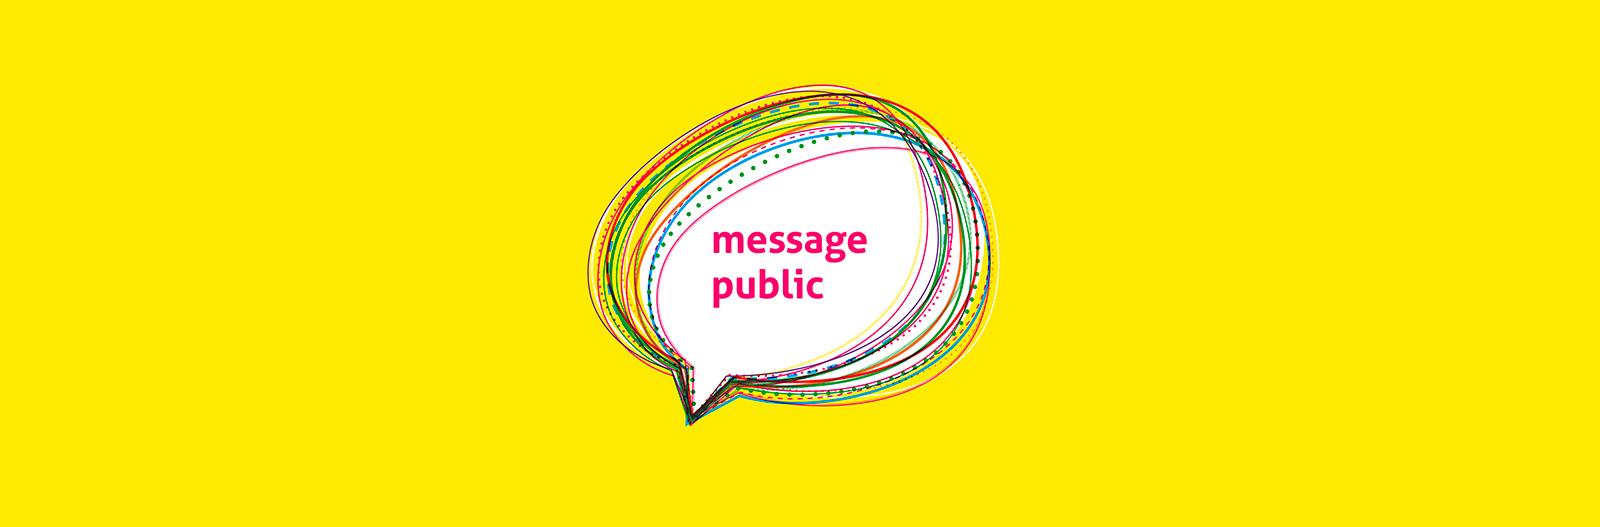 message-public